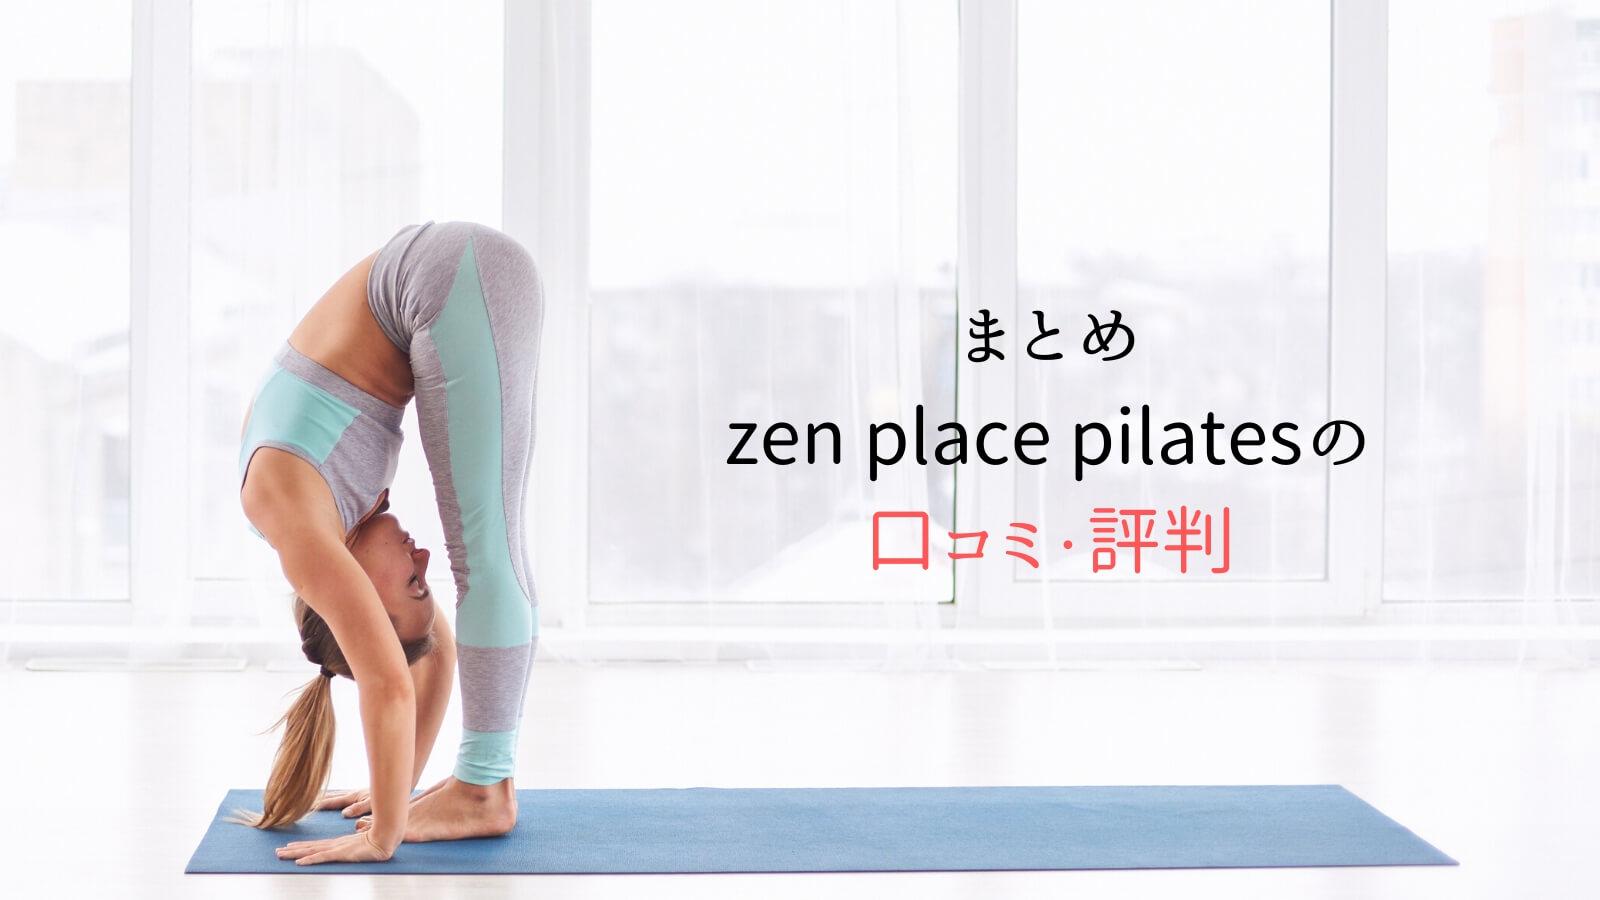 【まとめ】zen place pilatesでピラティス体験!実際の評価・口コミを確かめてみた!